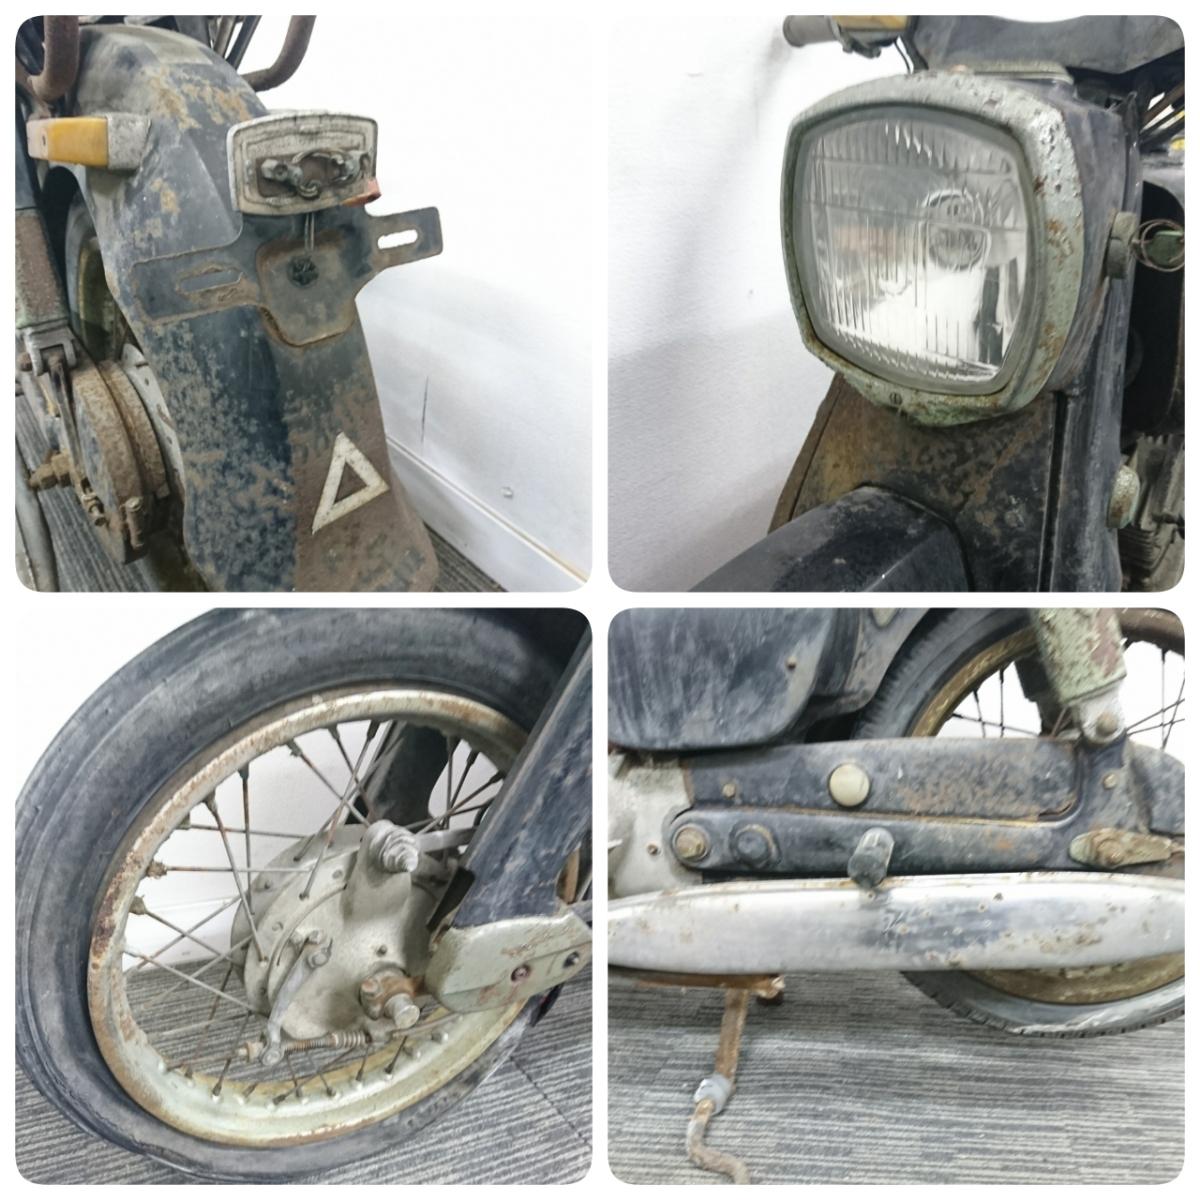 ☆引き取り歓迎山梨☆ Honda バイク ベンリィ 125cc プレスハンドル 初期型 オートバイ ジャンク 部品取り ホンダ 格安売り切りスタート☆_画像5